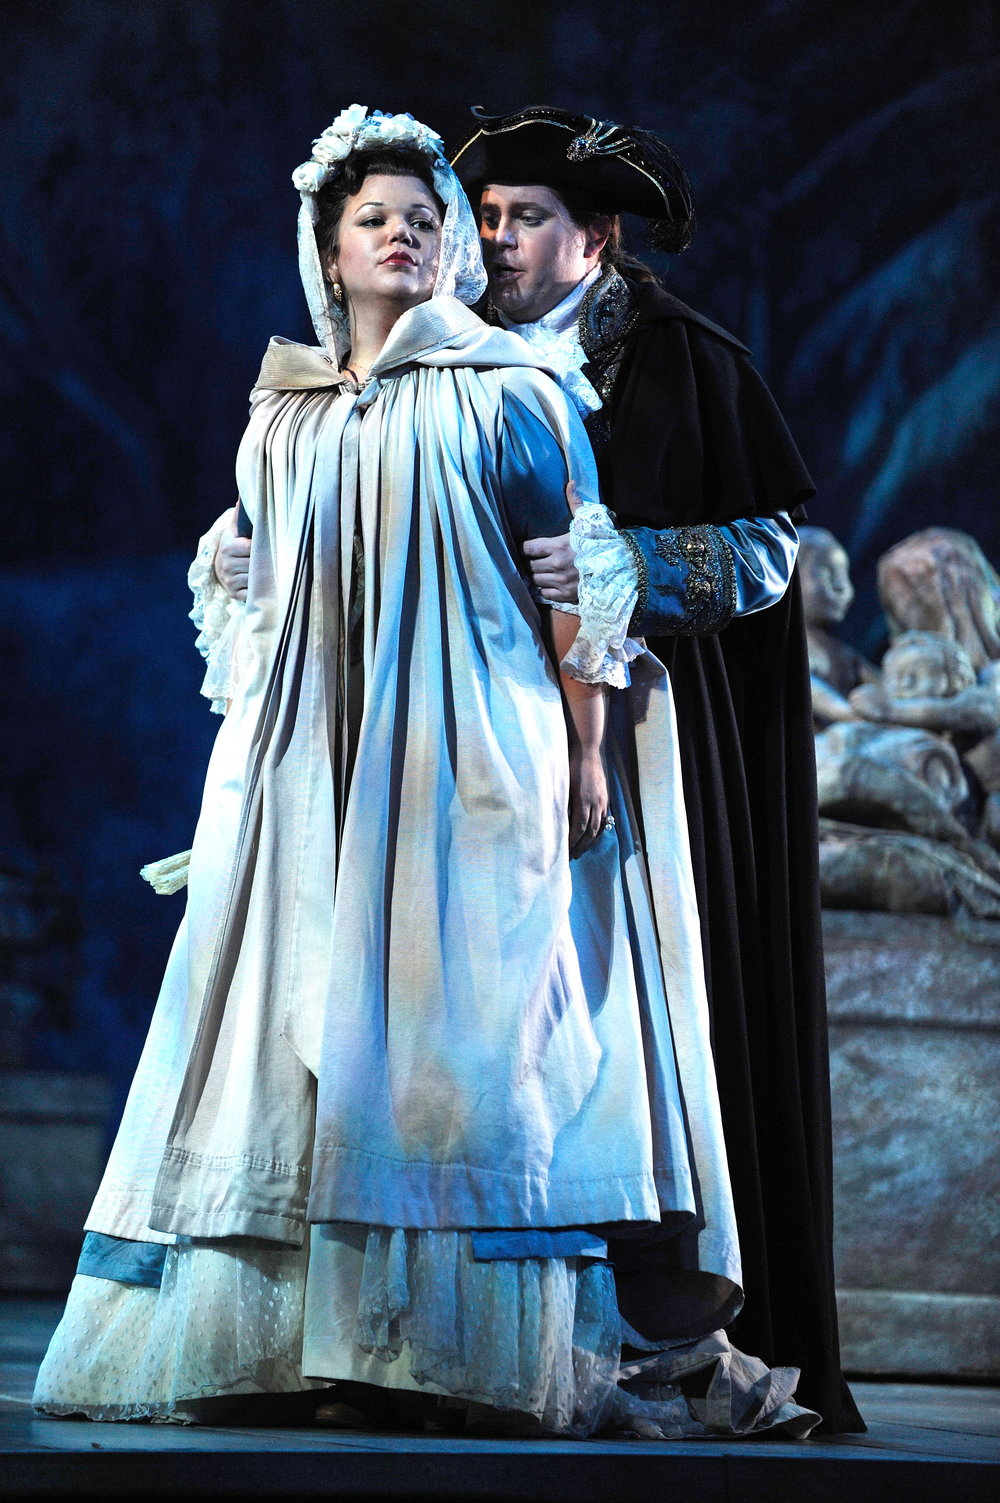 Le Nozze di Figaro at Opera Cleveland